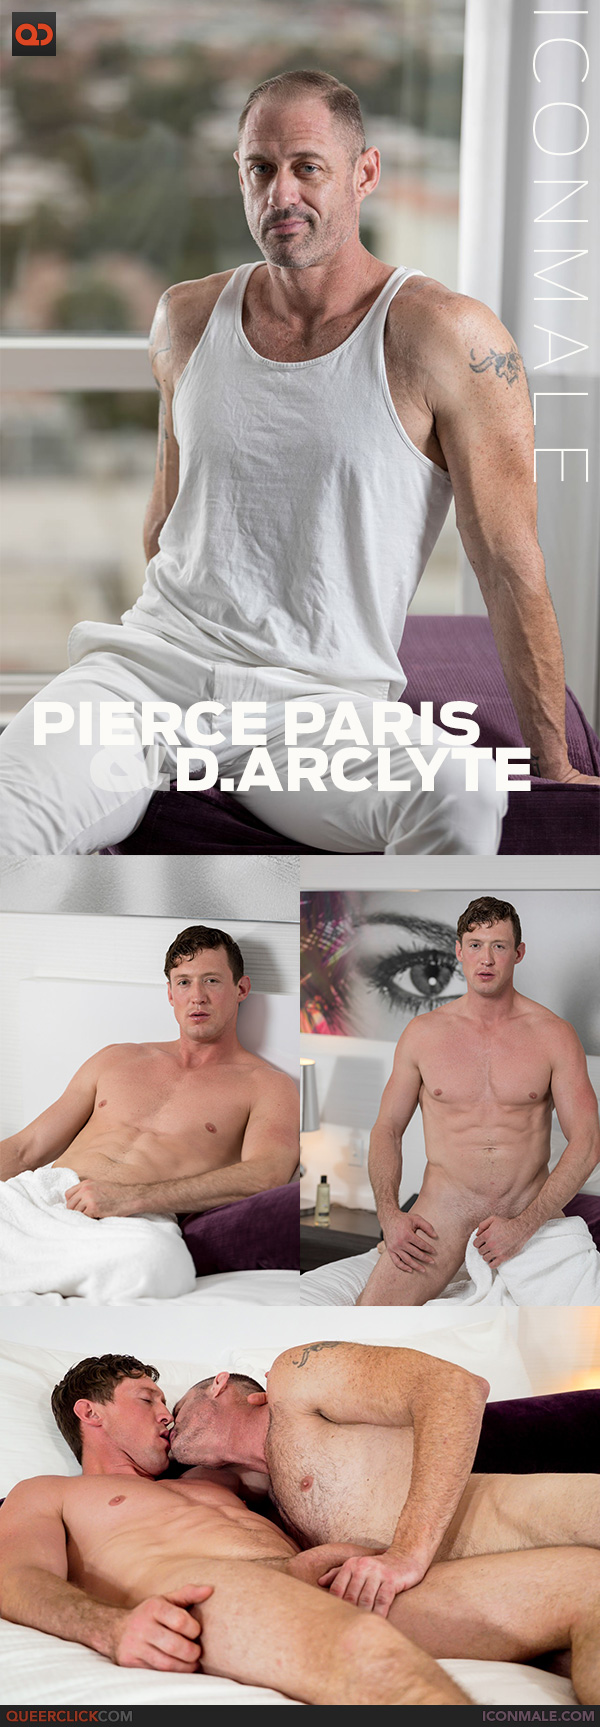 IconMale: Pierce Paris and D.Arclyte